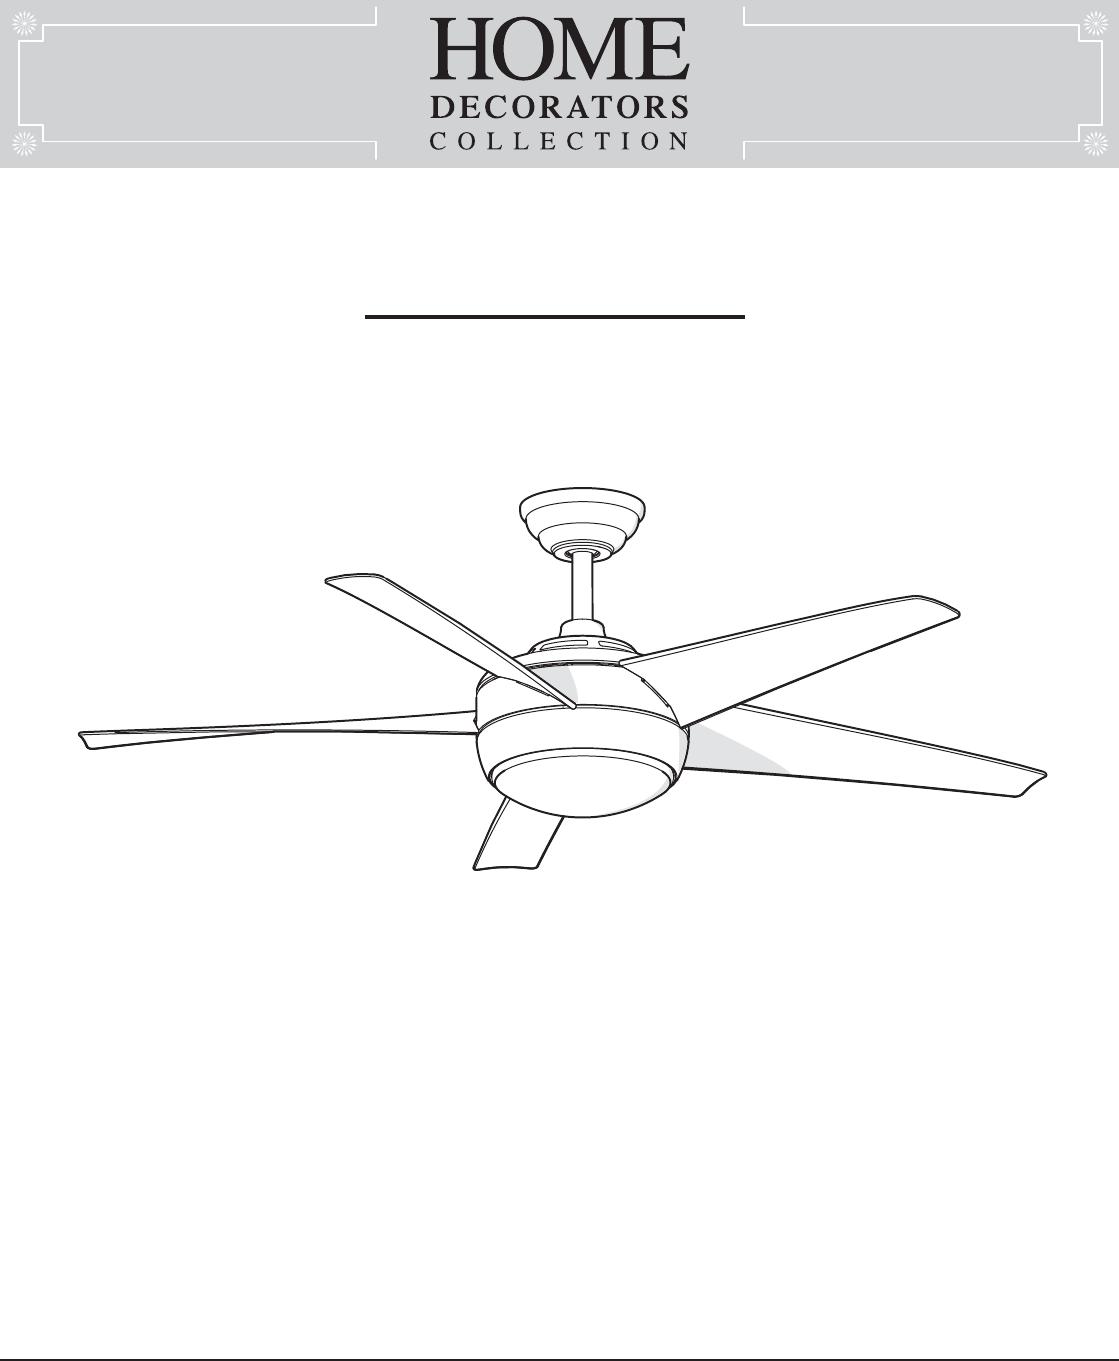 King of Fans 52WWDIVS2 52 inch Windward IV User Manual